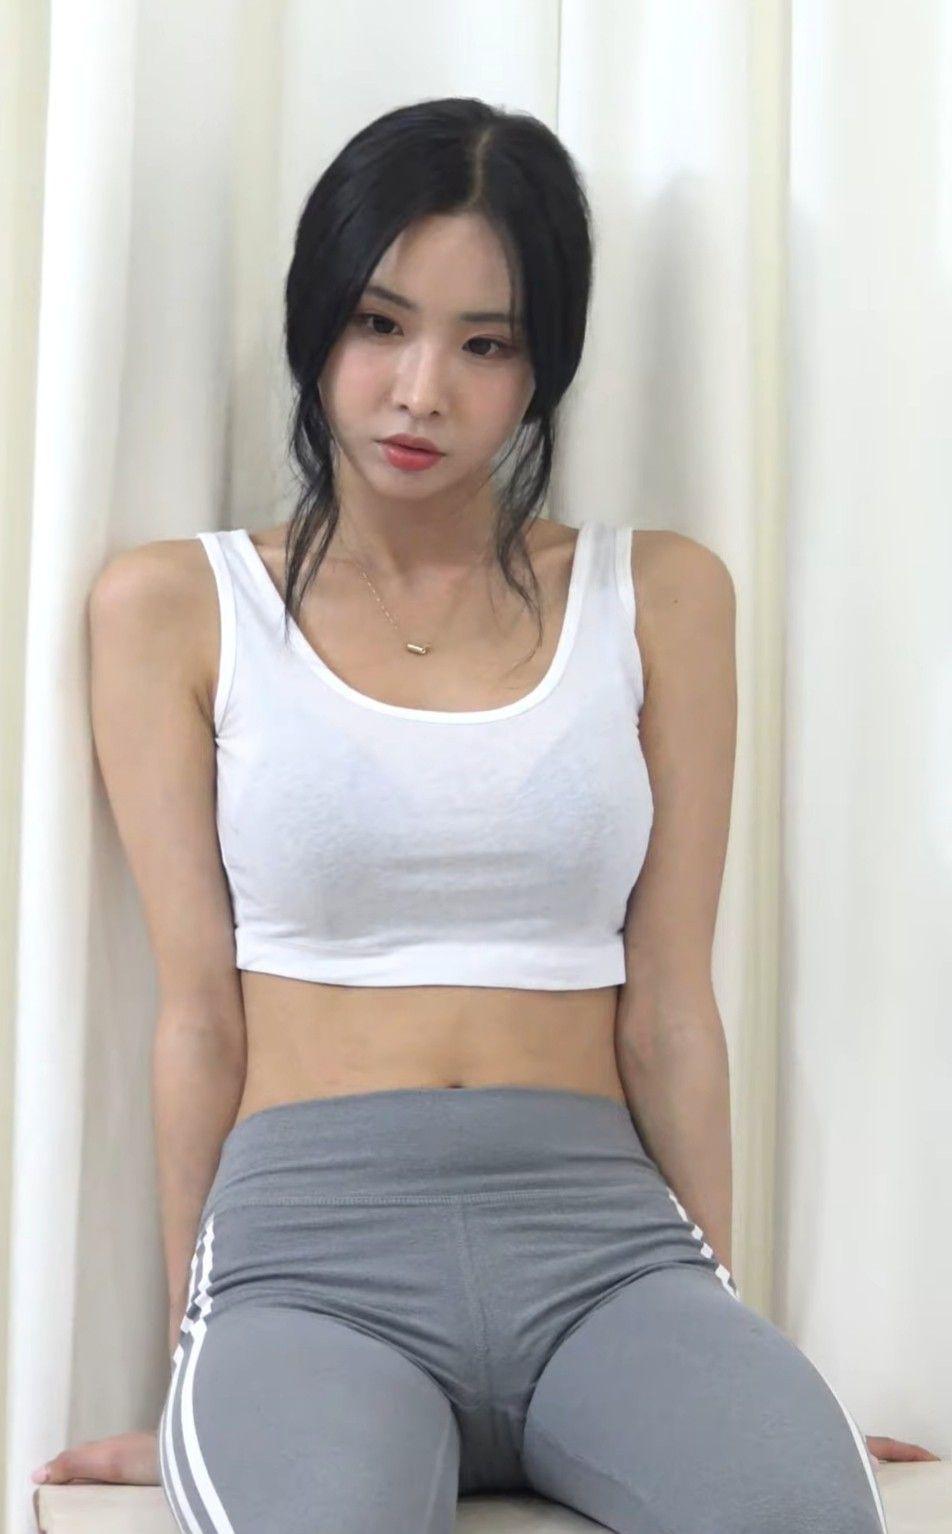 세린, 포켓걸스 새 멤버로 합류 - RPM9 전자신문엔터테인먼트